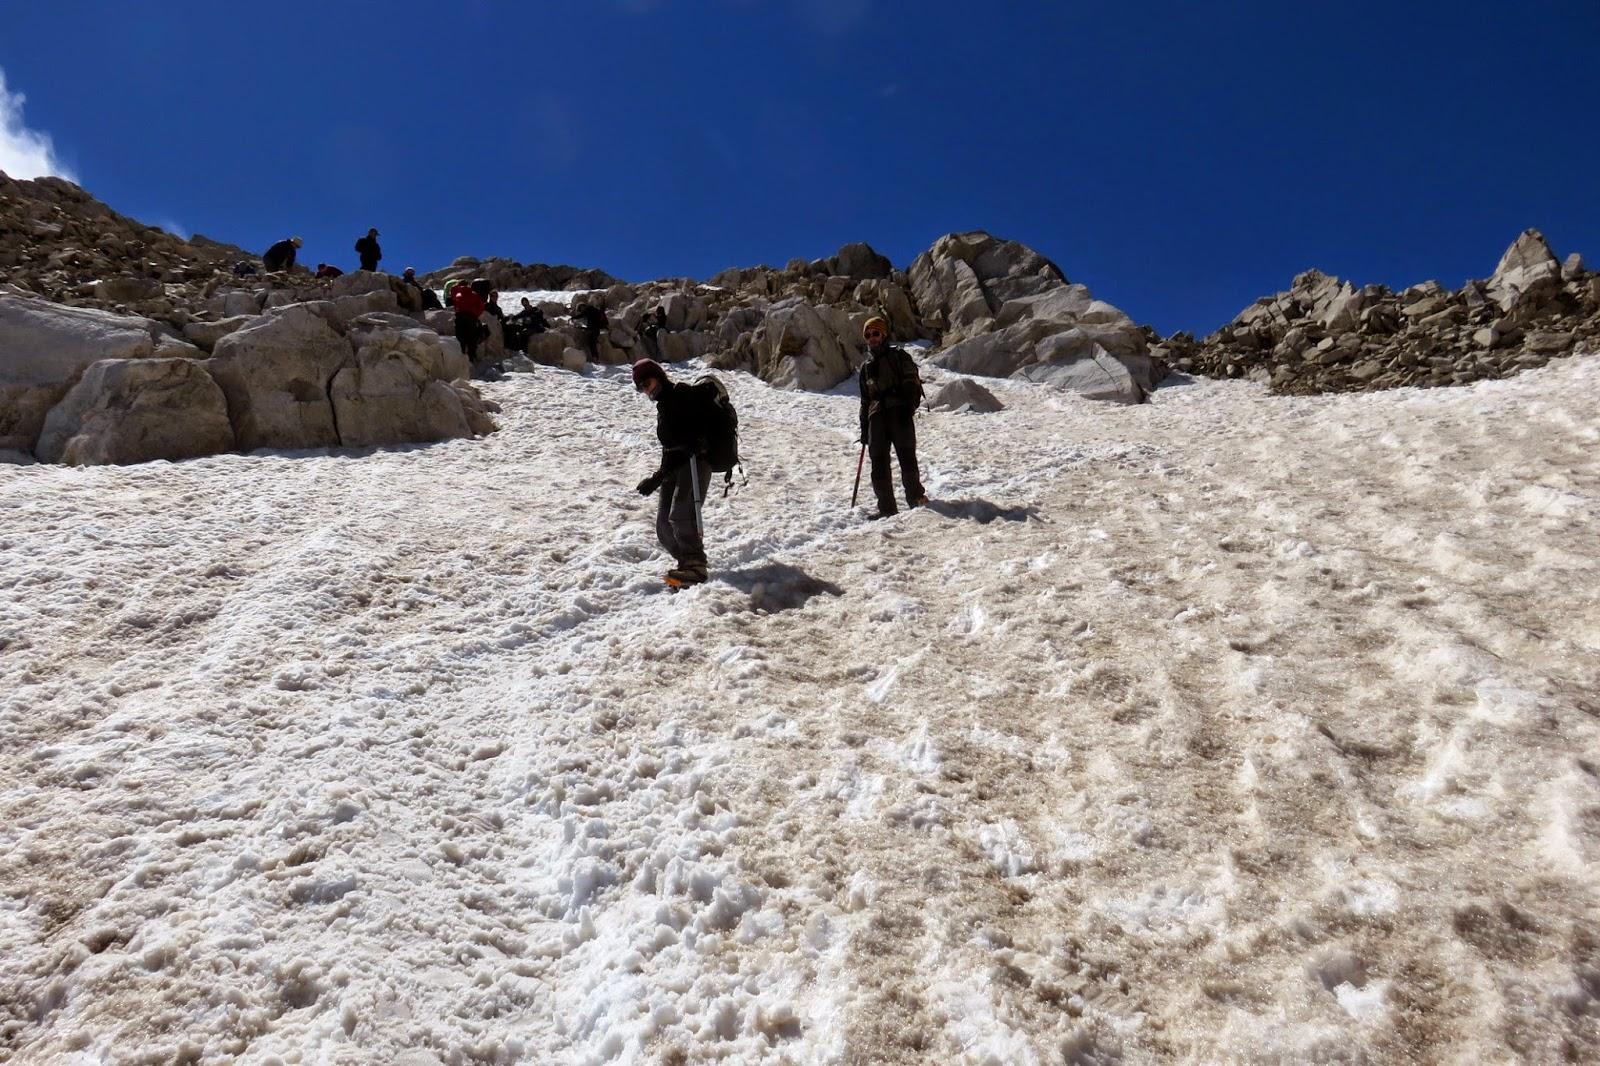 Descendiendo del Pico Aneto hacia Collado de Coronas